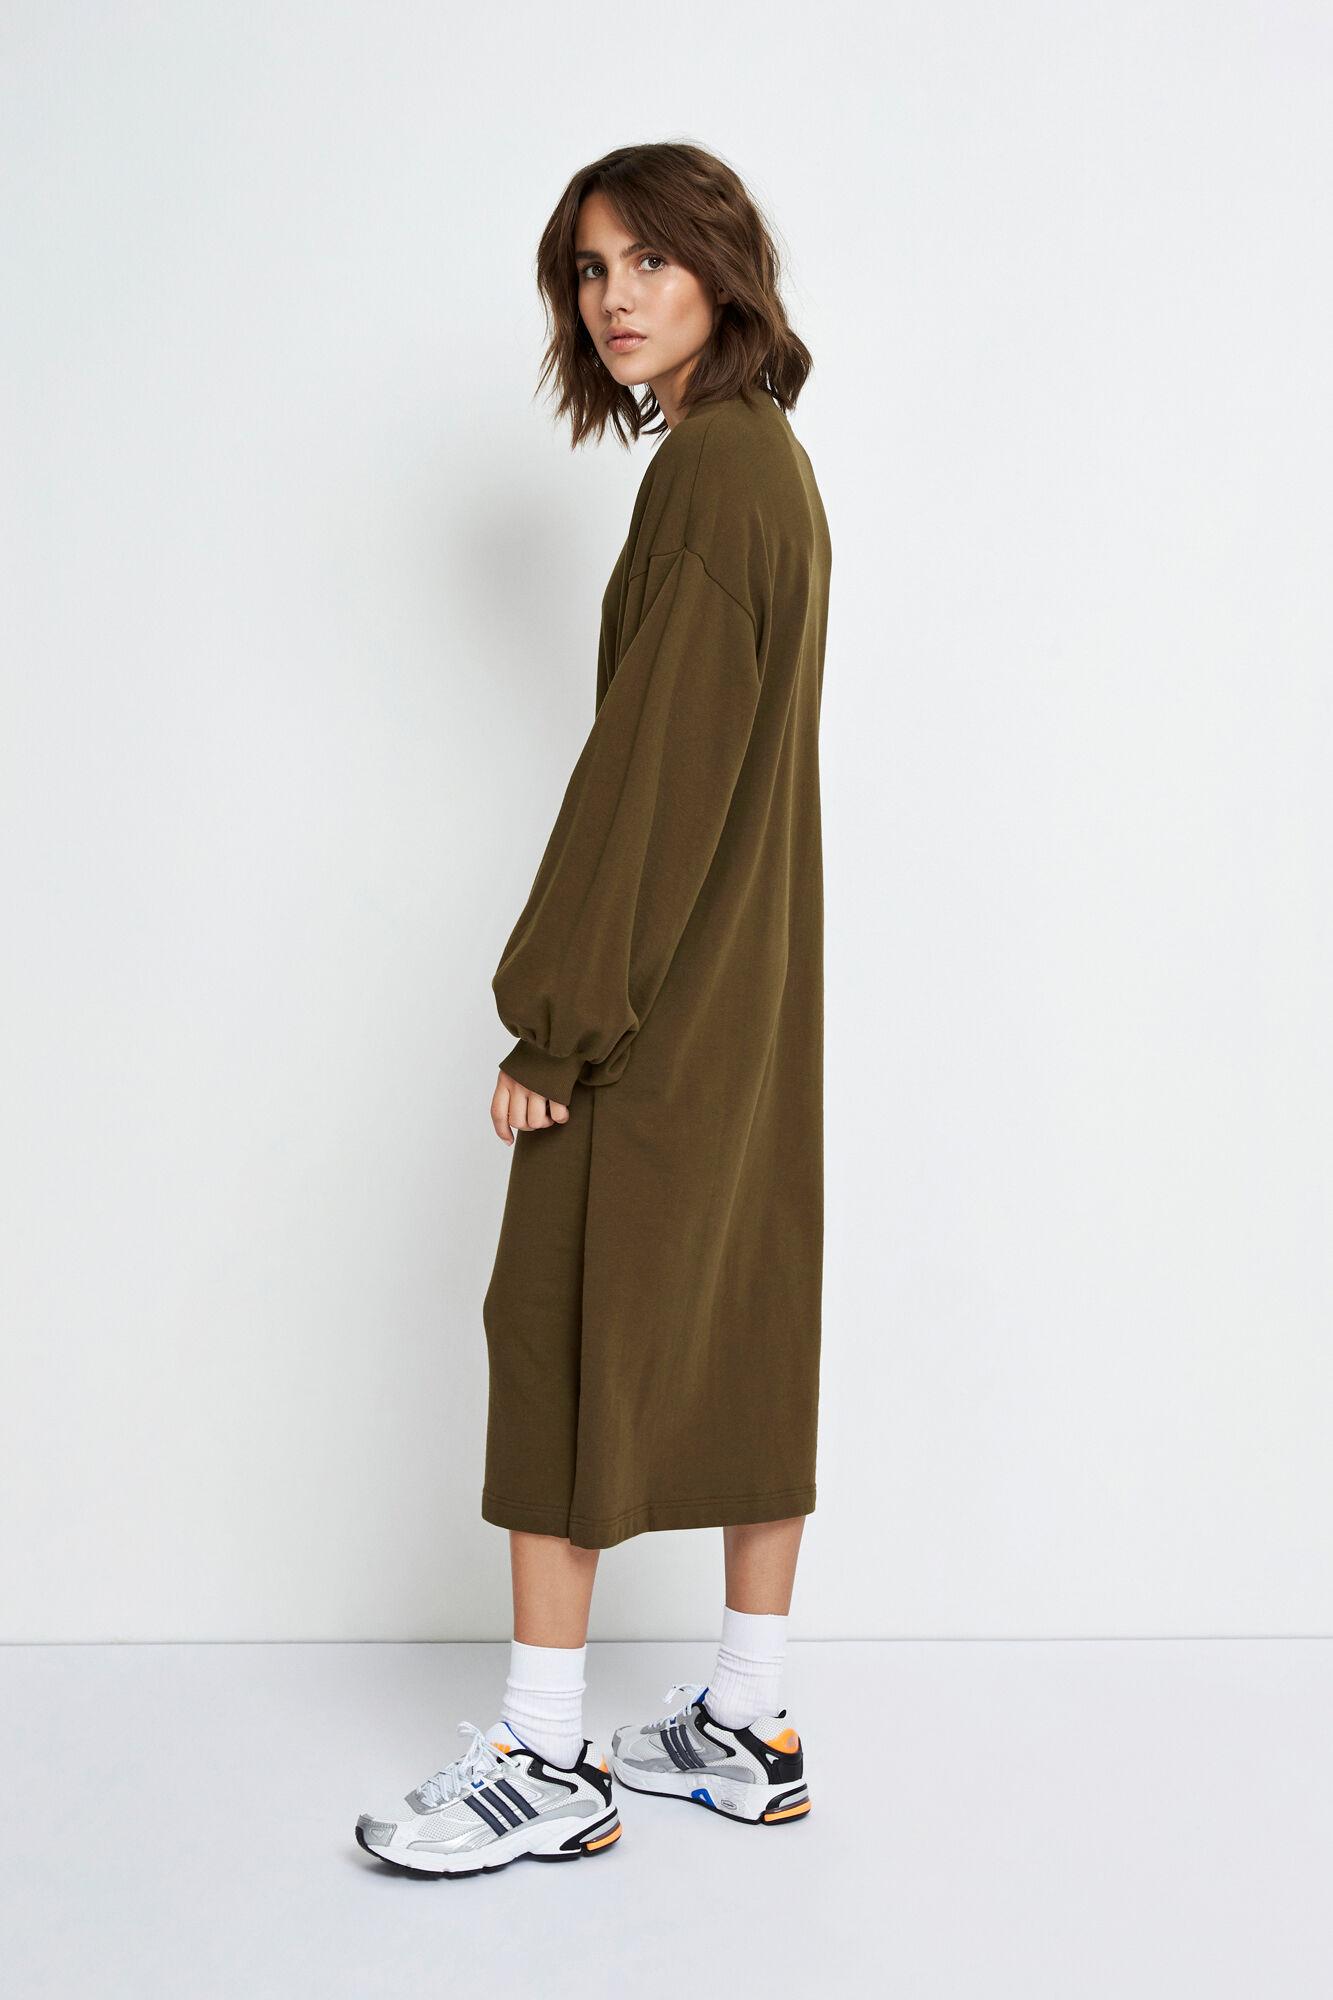 ENBLOM LS DRESS 5302